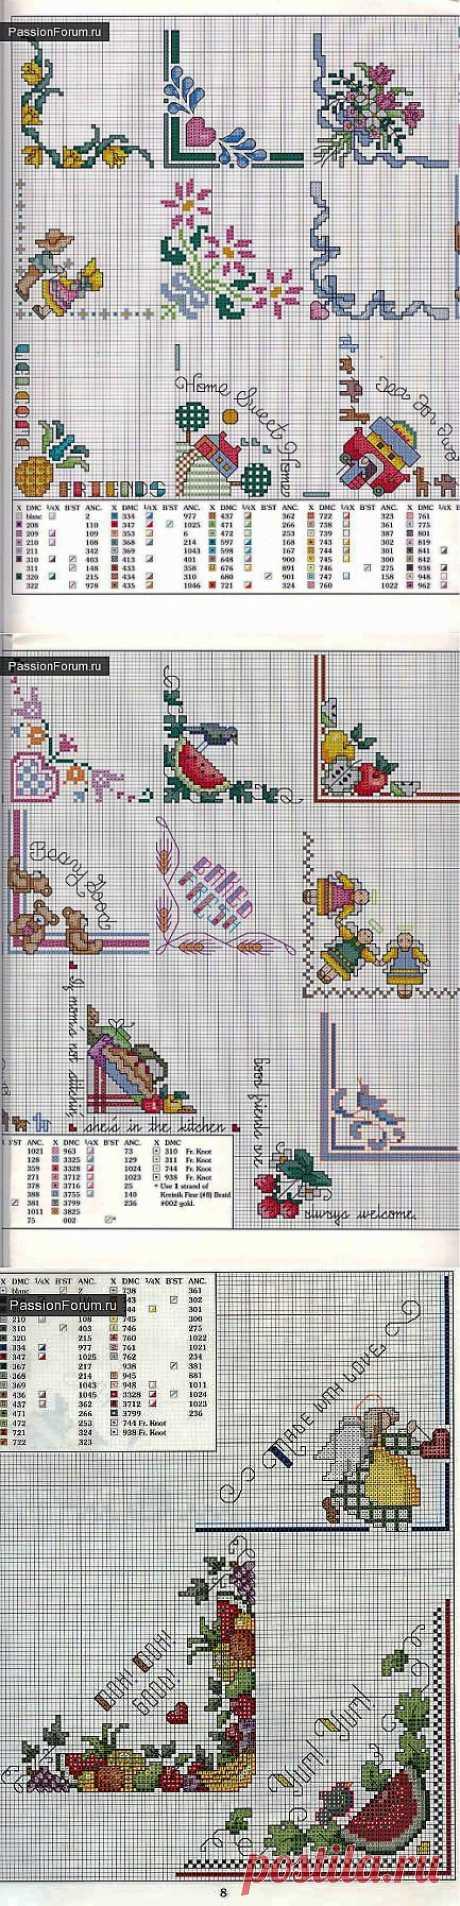 Уголки для салфеток / Вышивка крестиком / PassionForum - мастер-классы по рукоделию